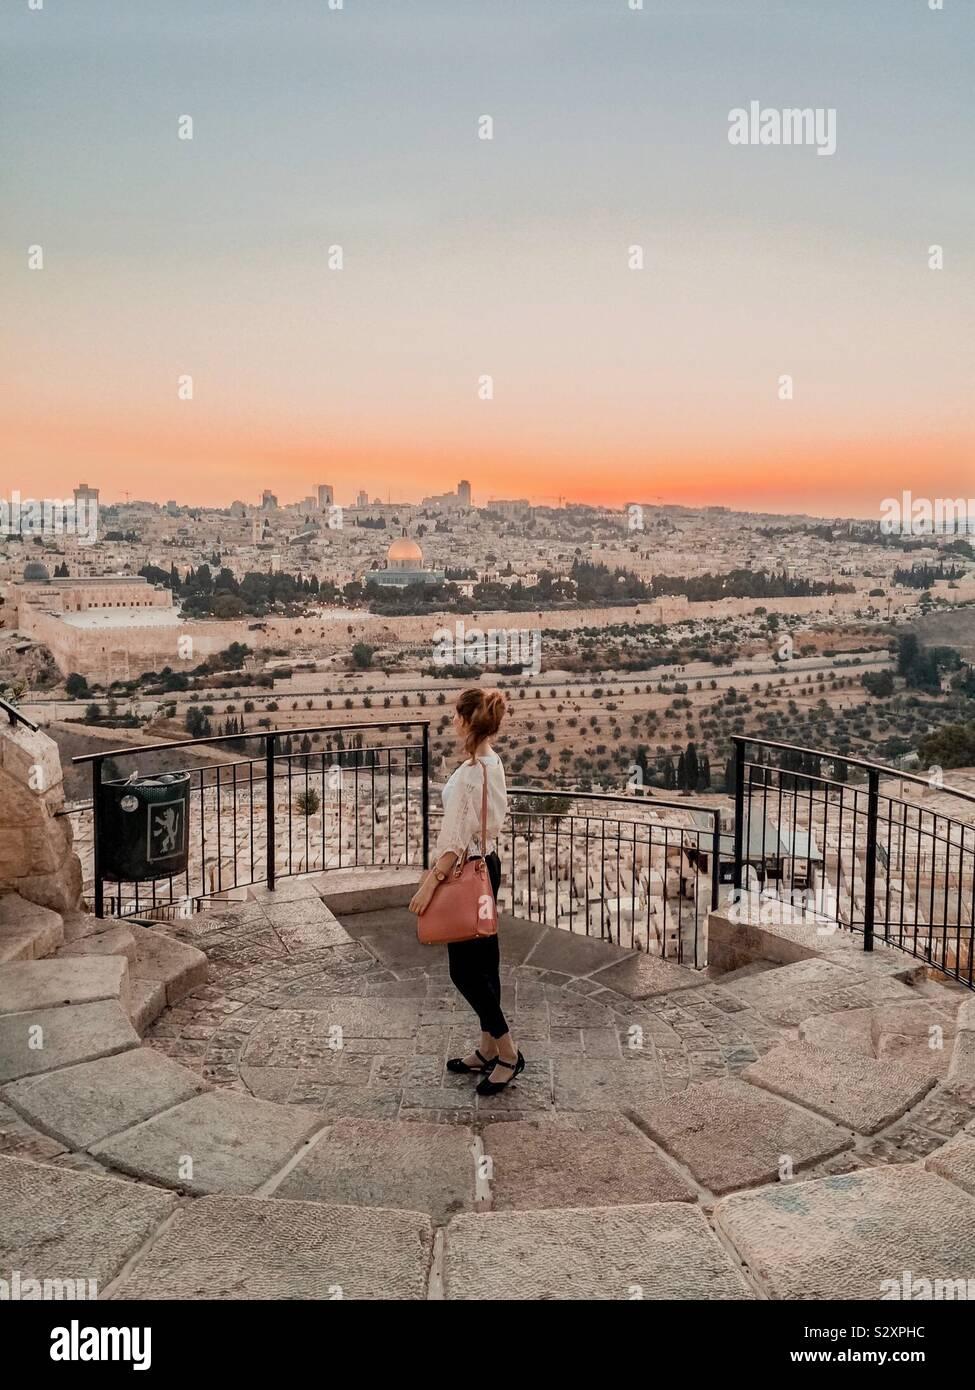 Junge Frau mit Blick auf die Stadt Jerusalem, Israel, Naher Osten Stockfoto